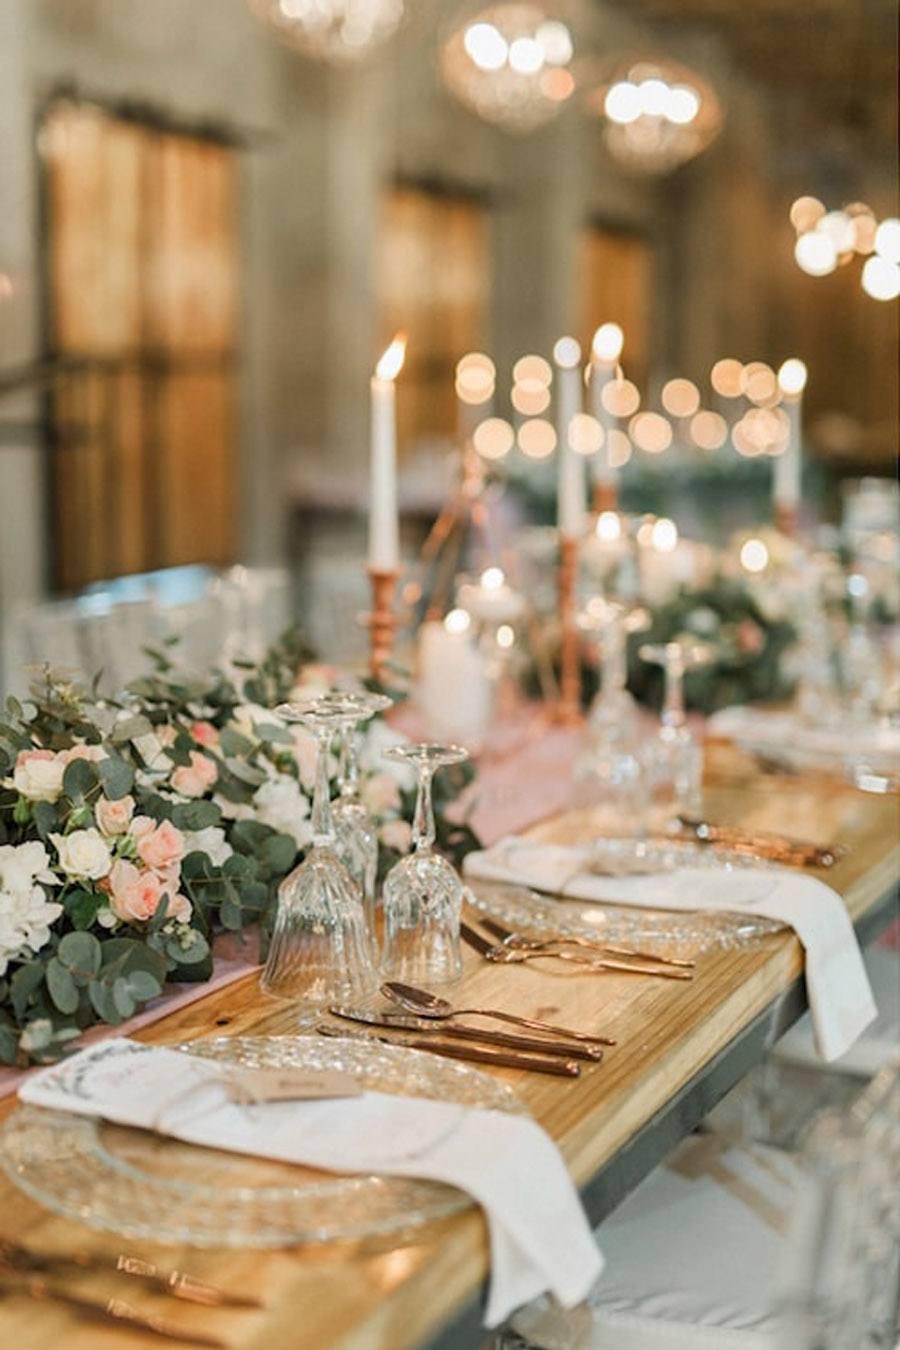 DECORACIN DE BODA EN ROSA Y ORO  Blog de bodas de Una Boda Original